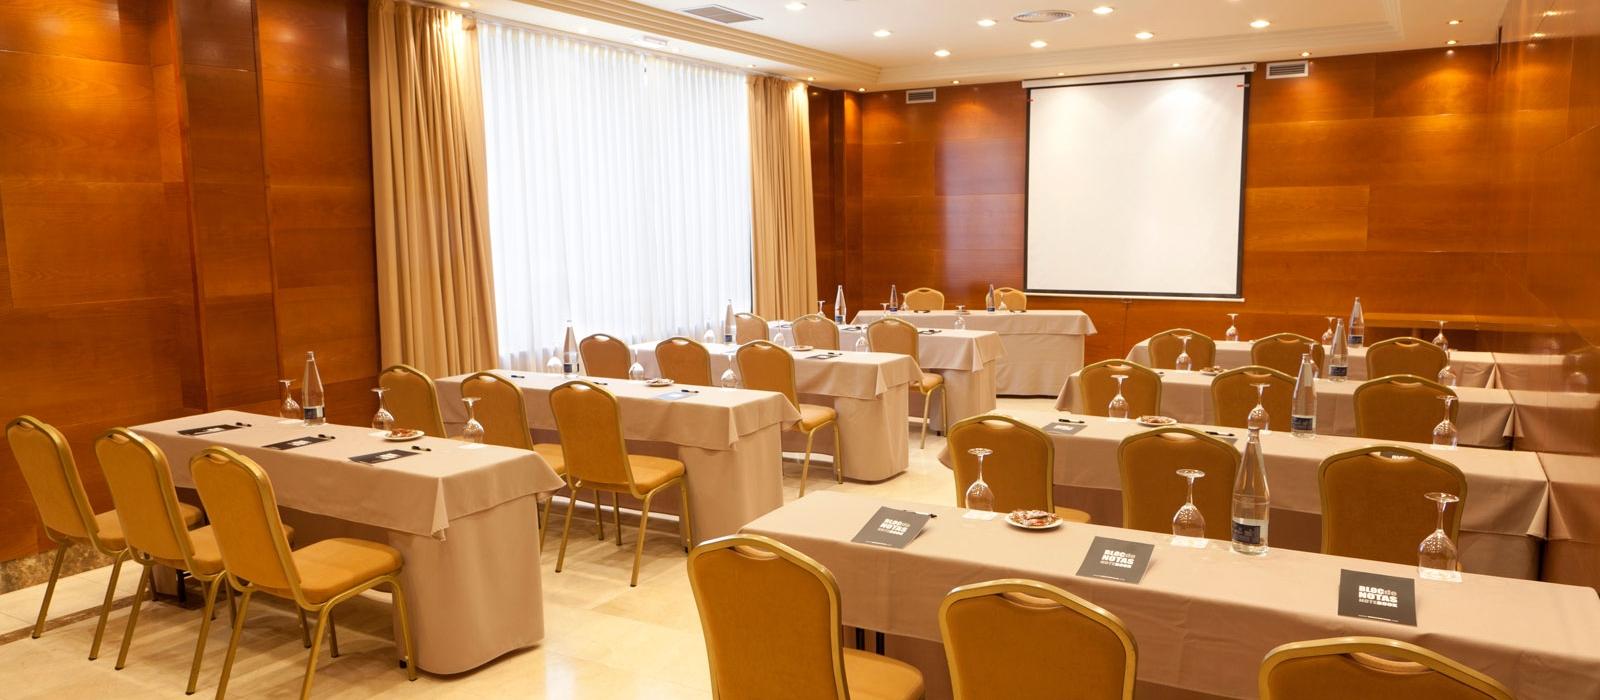 Réunions et événements Hôtel Ciudad de Salamanca - Vincci Hoteles